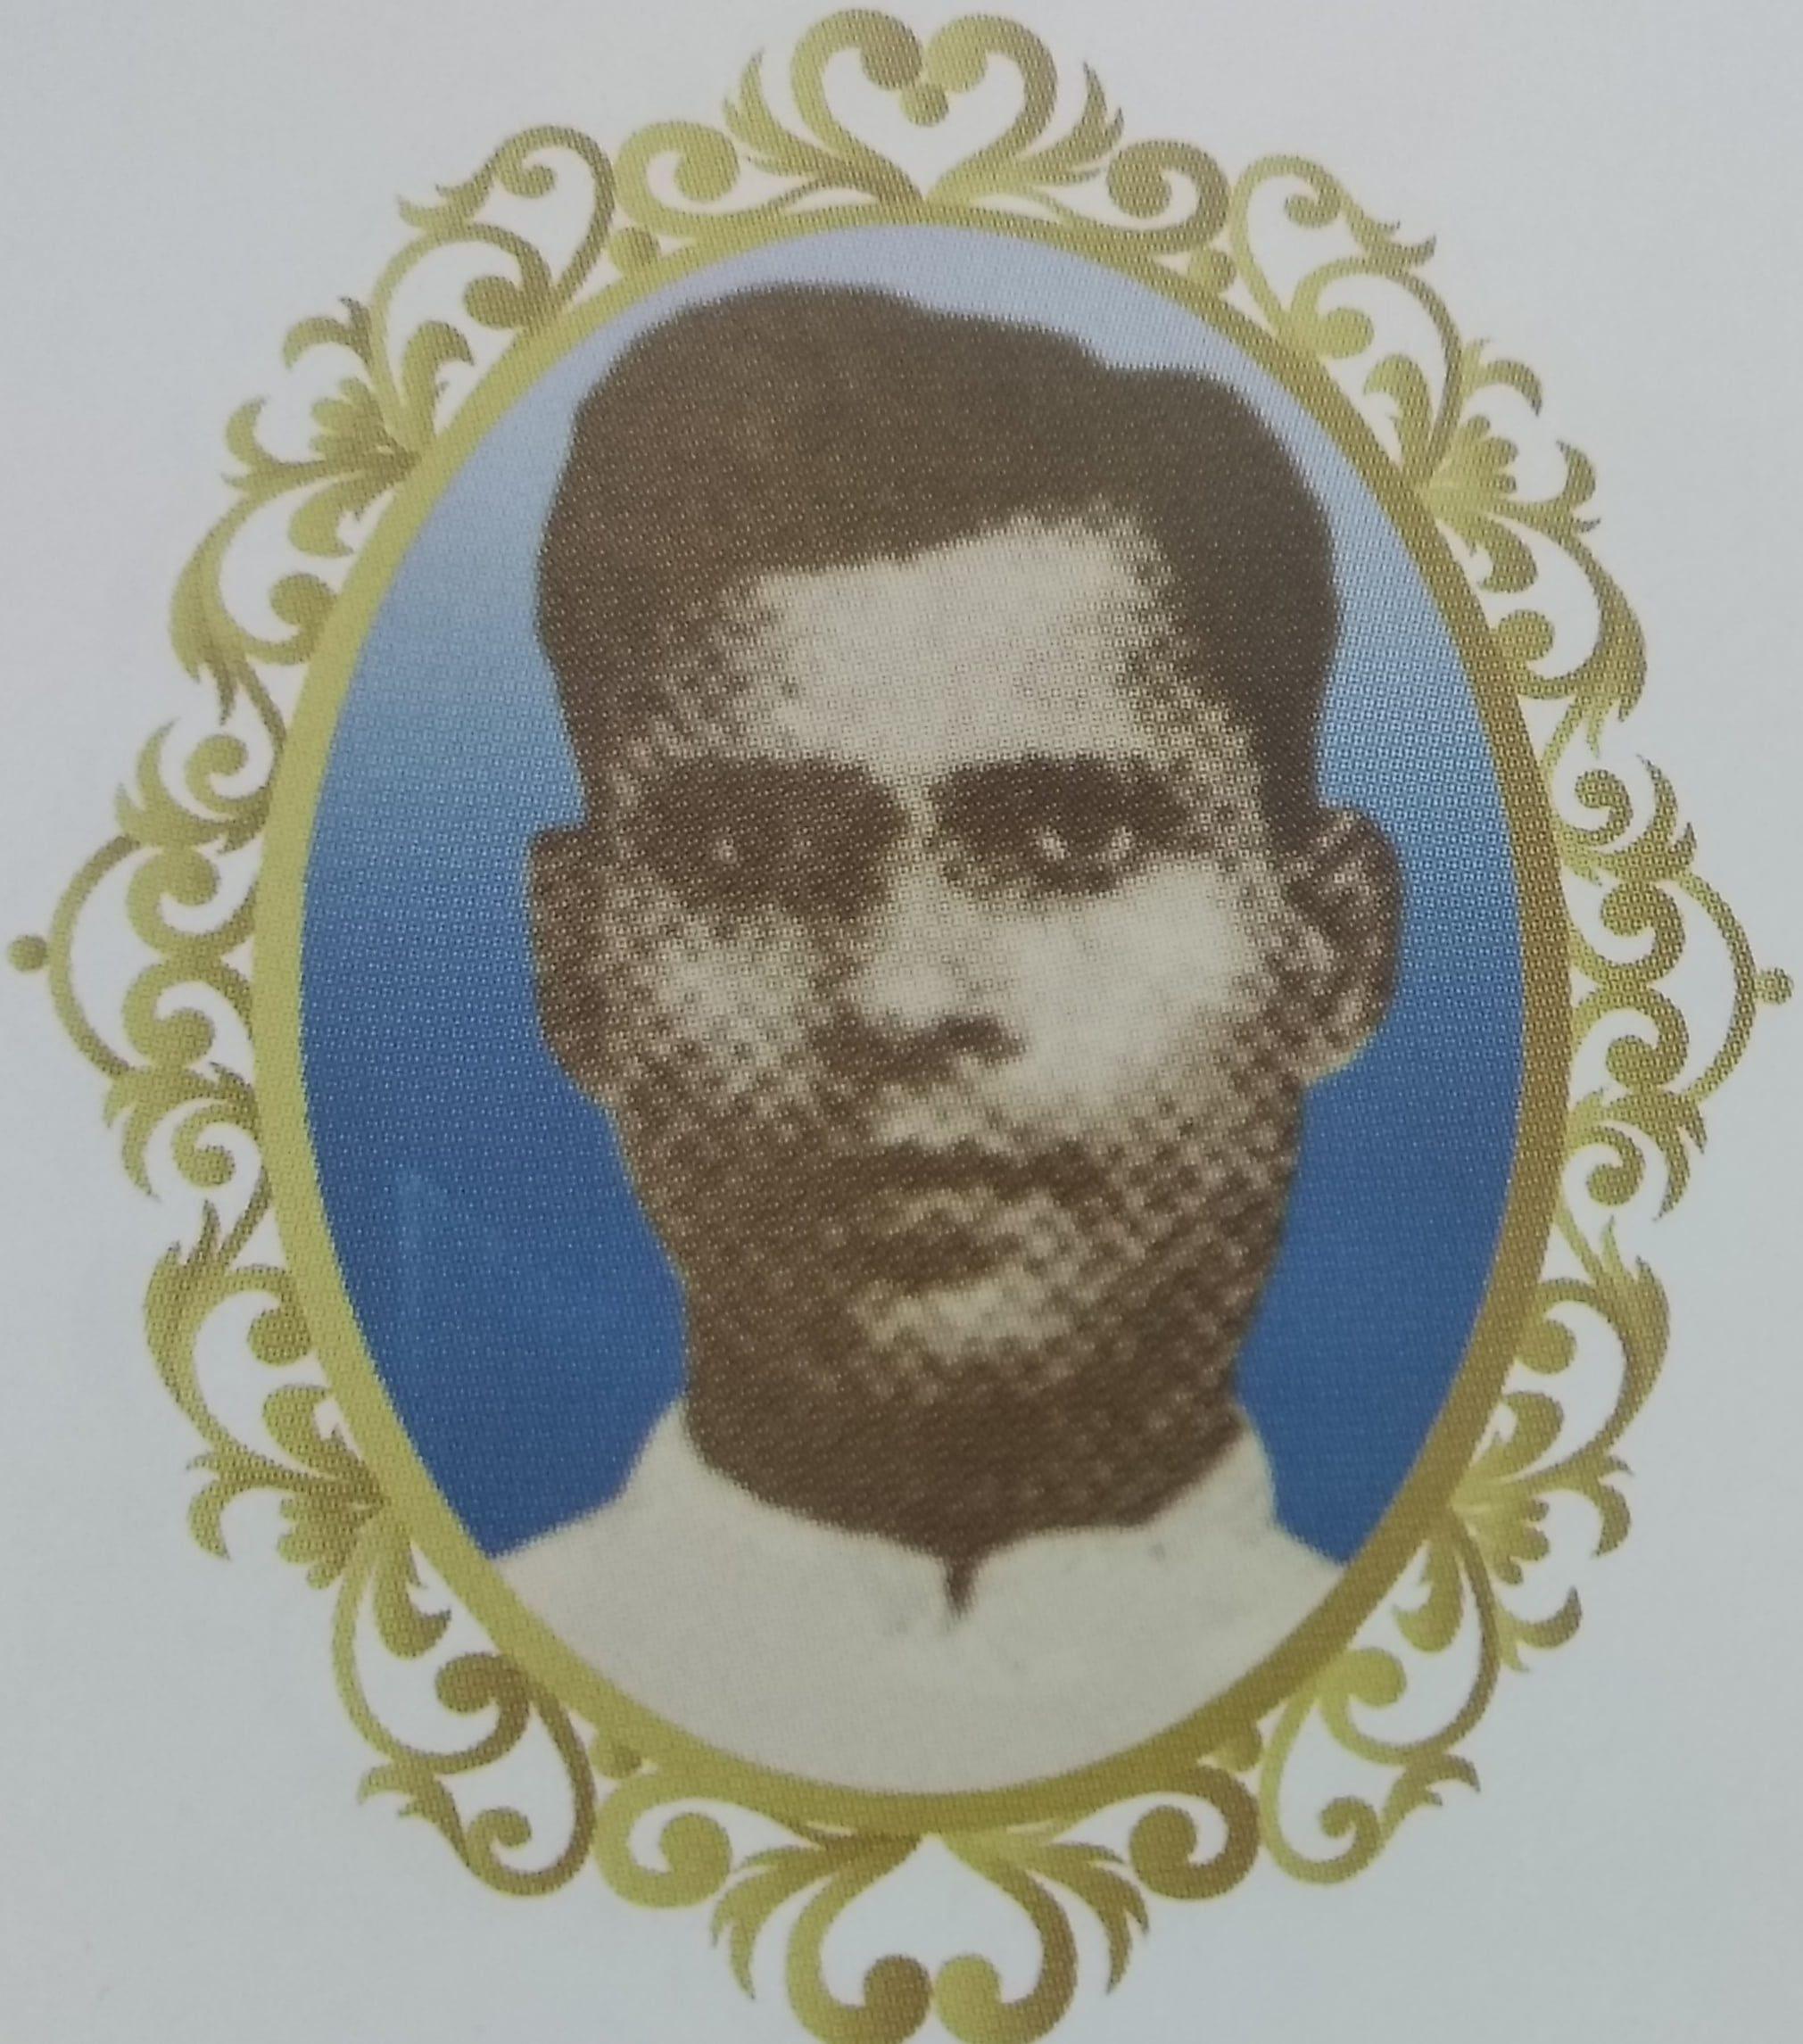 Fr. Paul Manakil